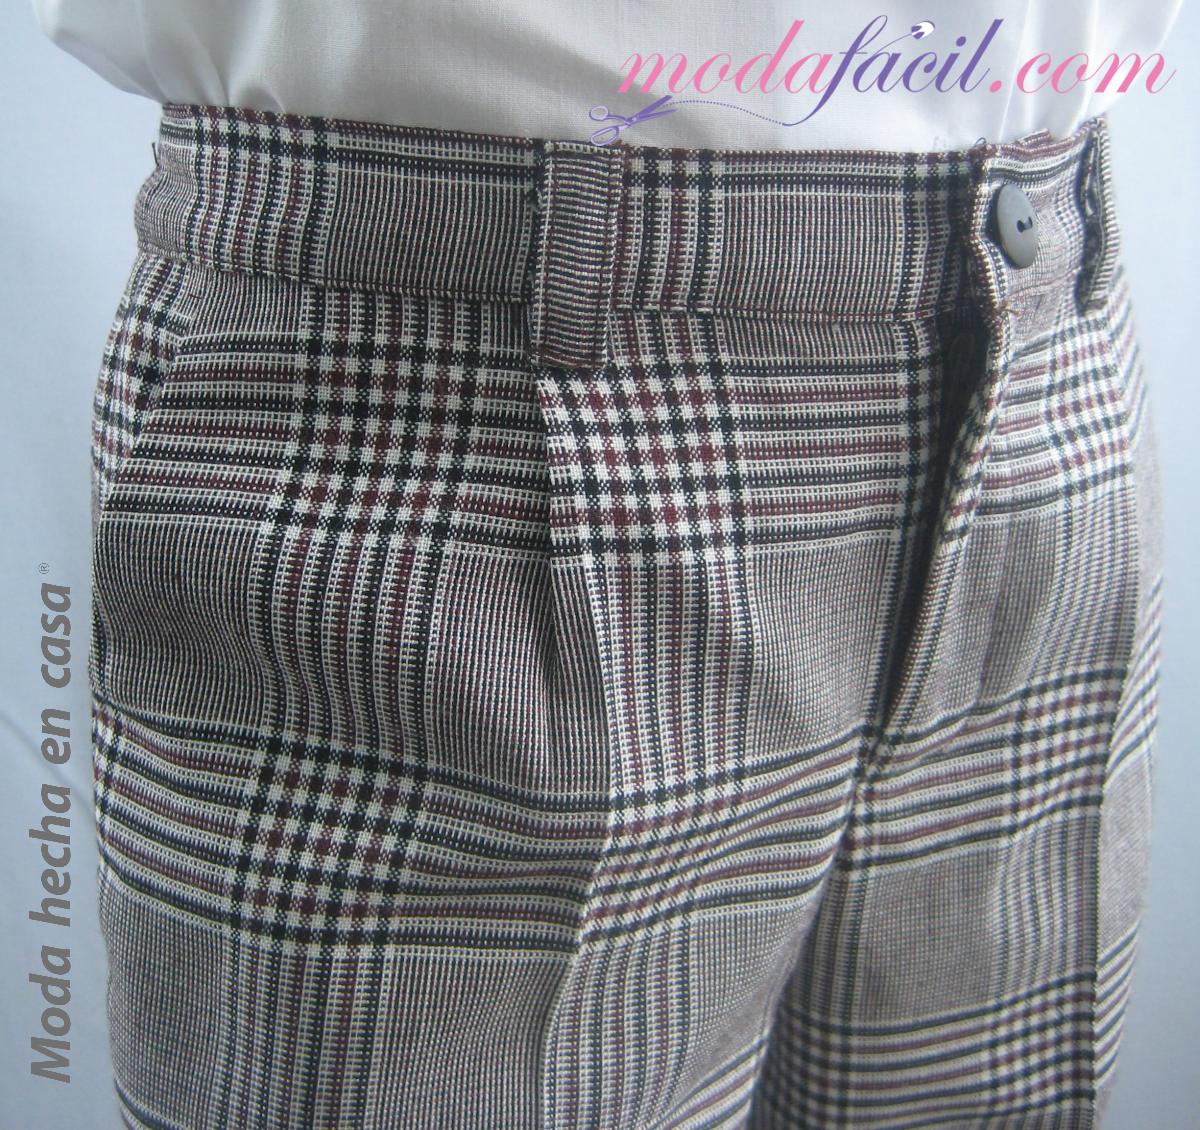 Patron de Costura de un Pantalon con Pliegue de Uniforme Escolar de Ninos  Modelo NI4011P cf9be3ded4d3